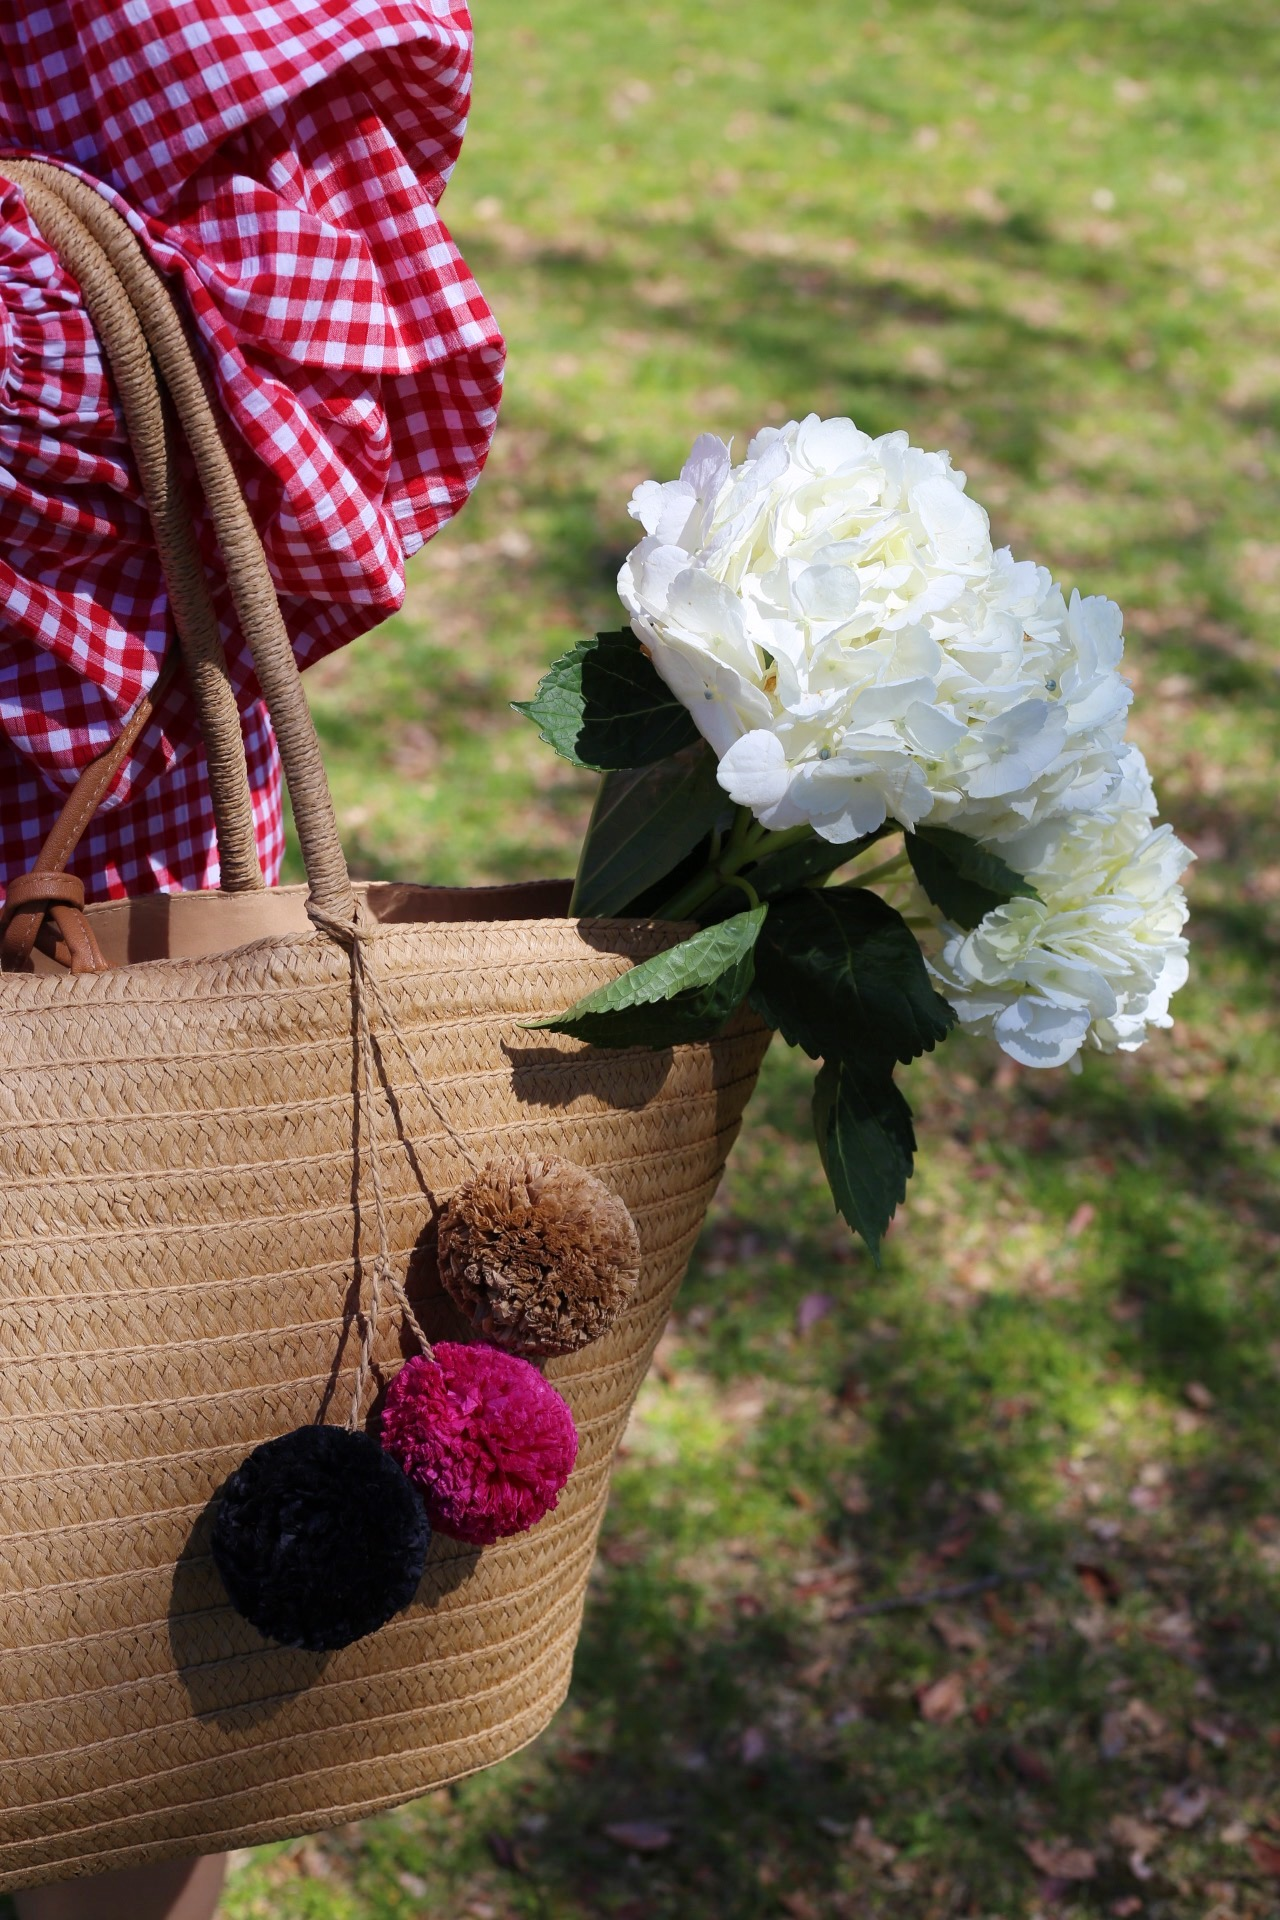 straw bag with pom poms